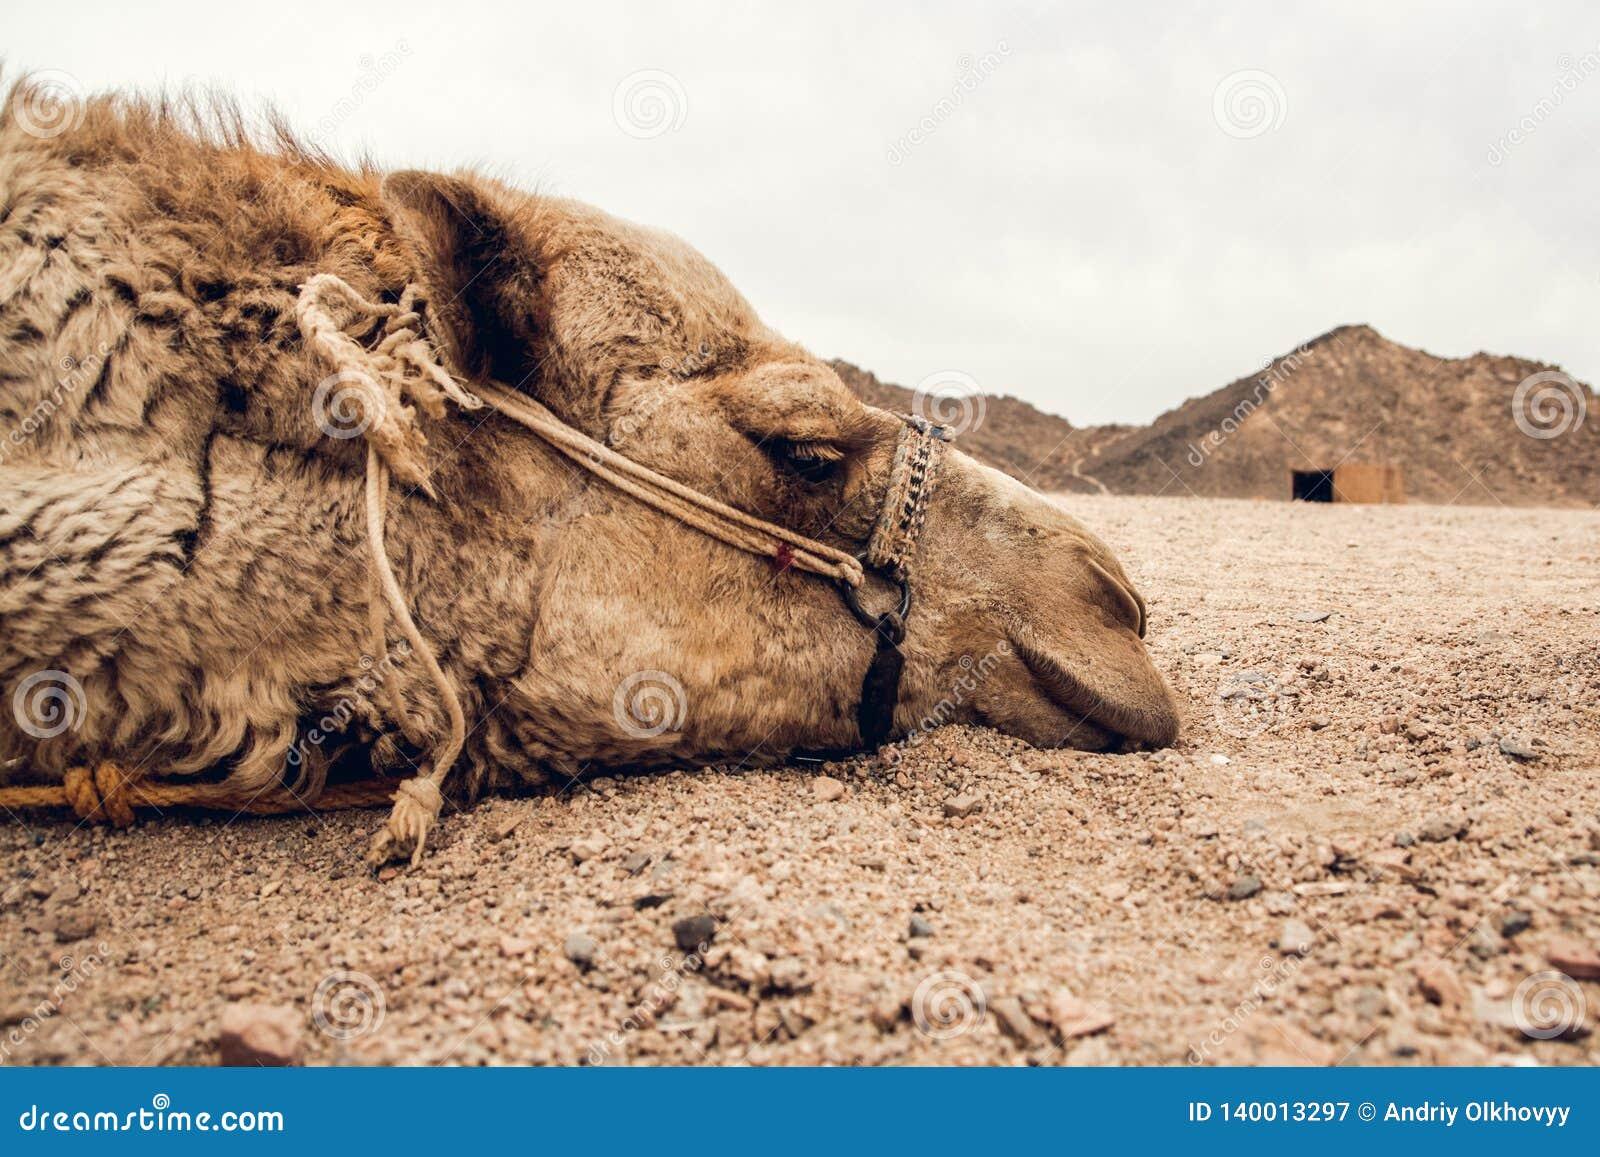 Dettaglio della testa del cammello nel deserto con l espressione divertente